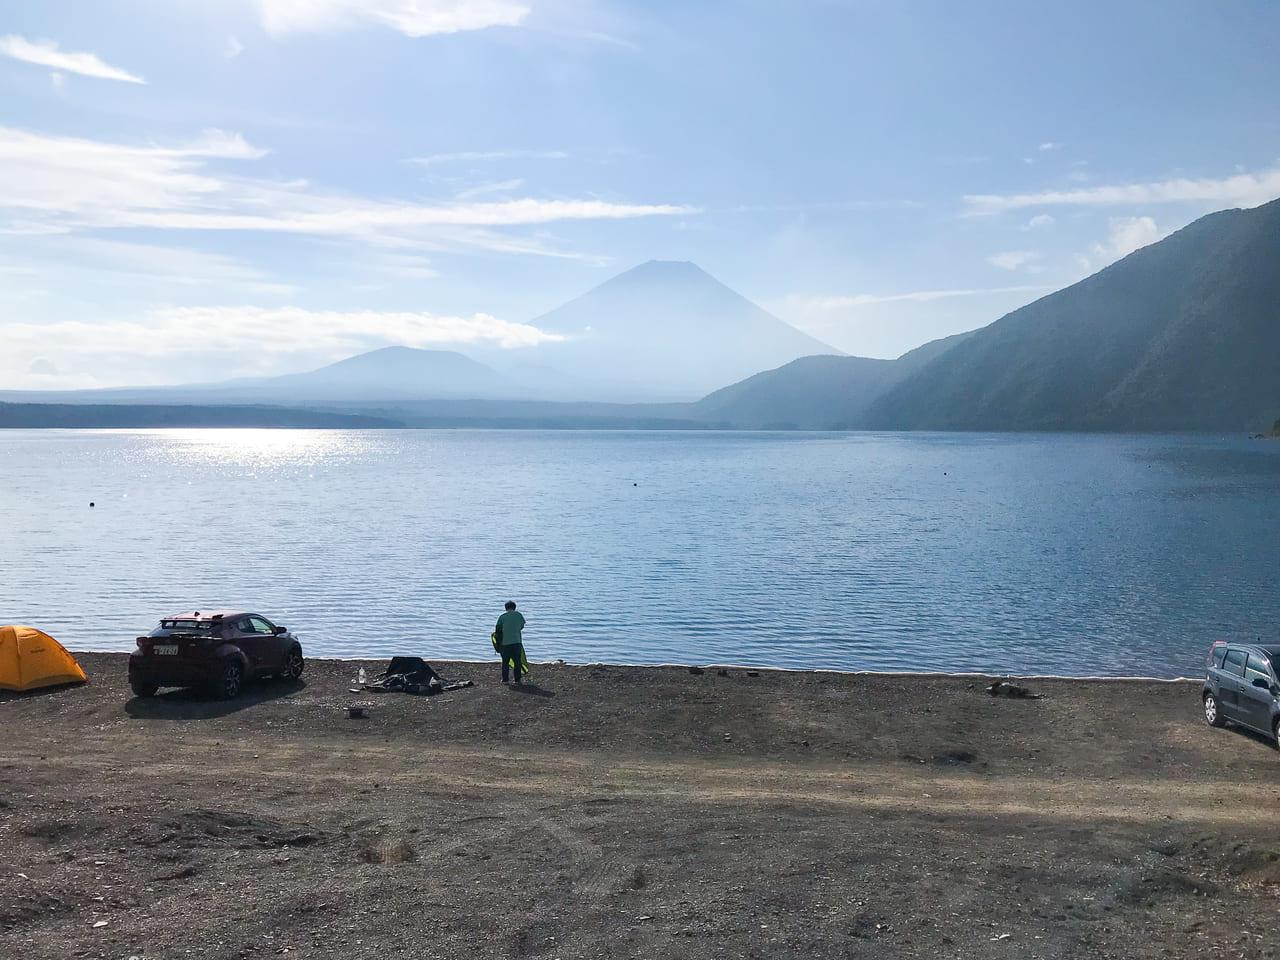 /本栖湖と富士山がキレイに見えた朝の風景